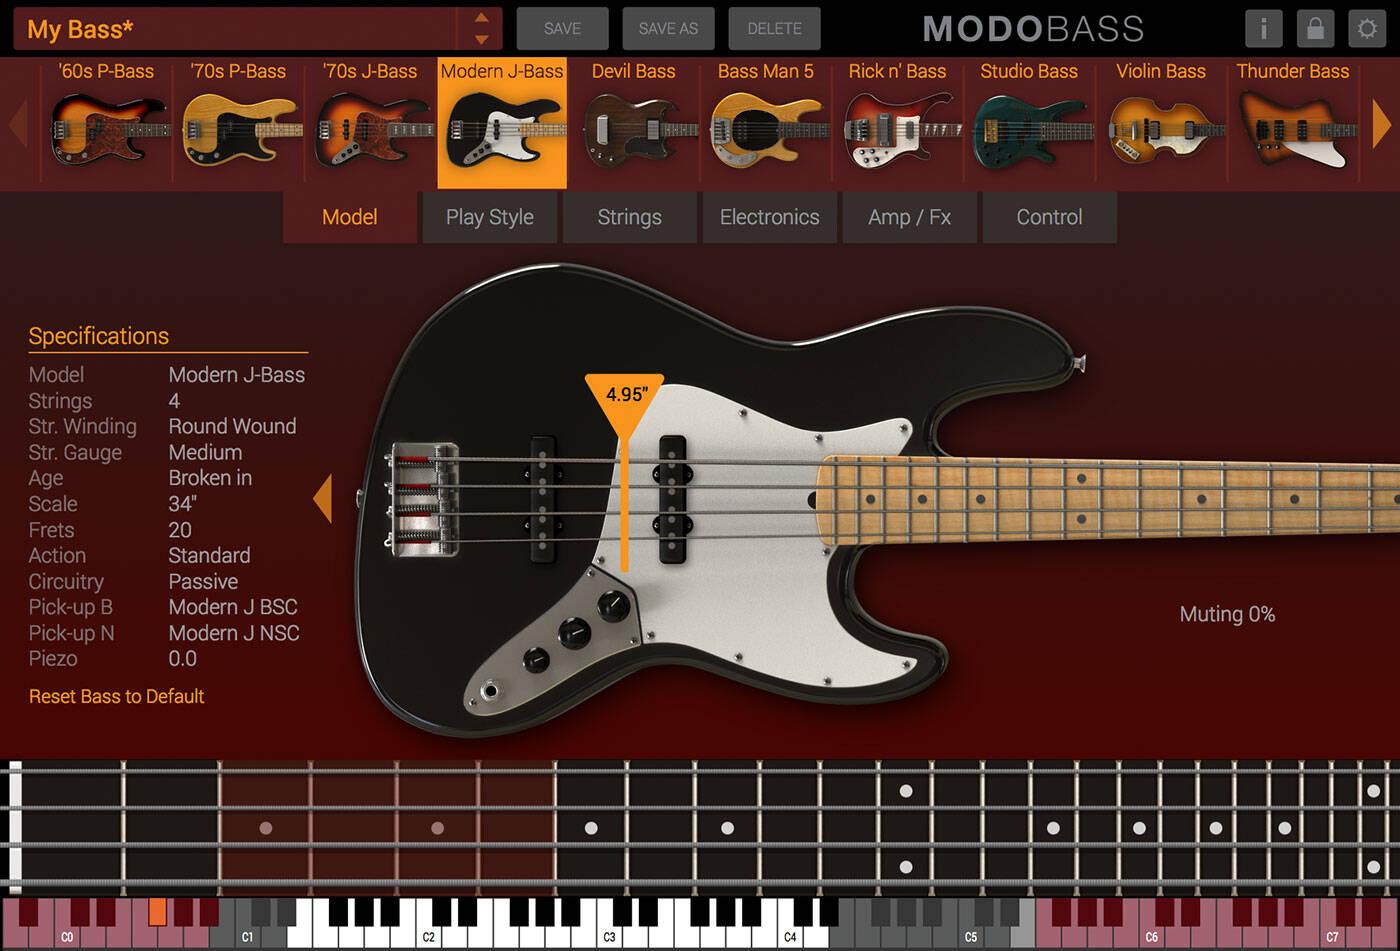 modobass_model_modern_j_bass